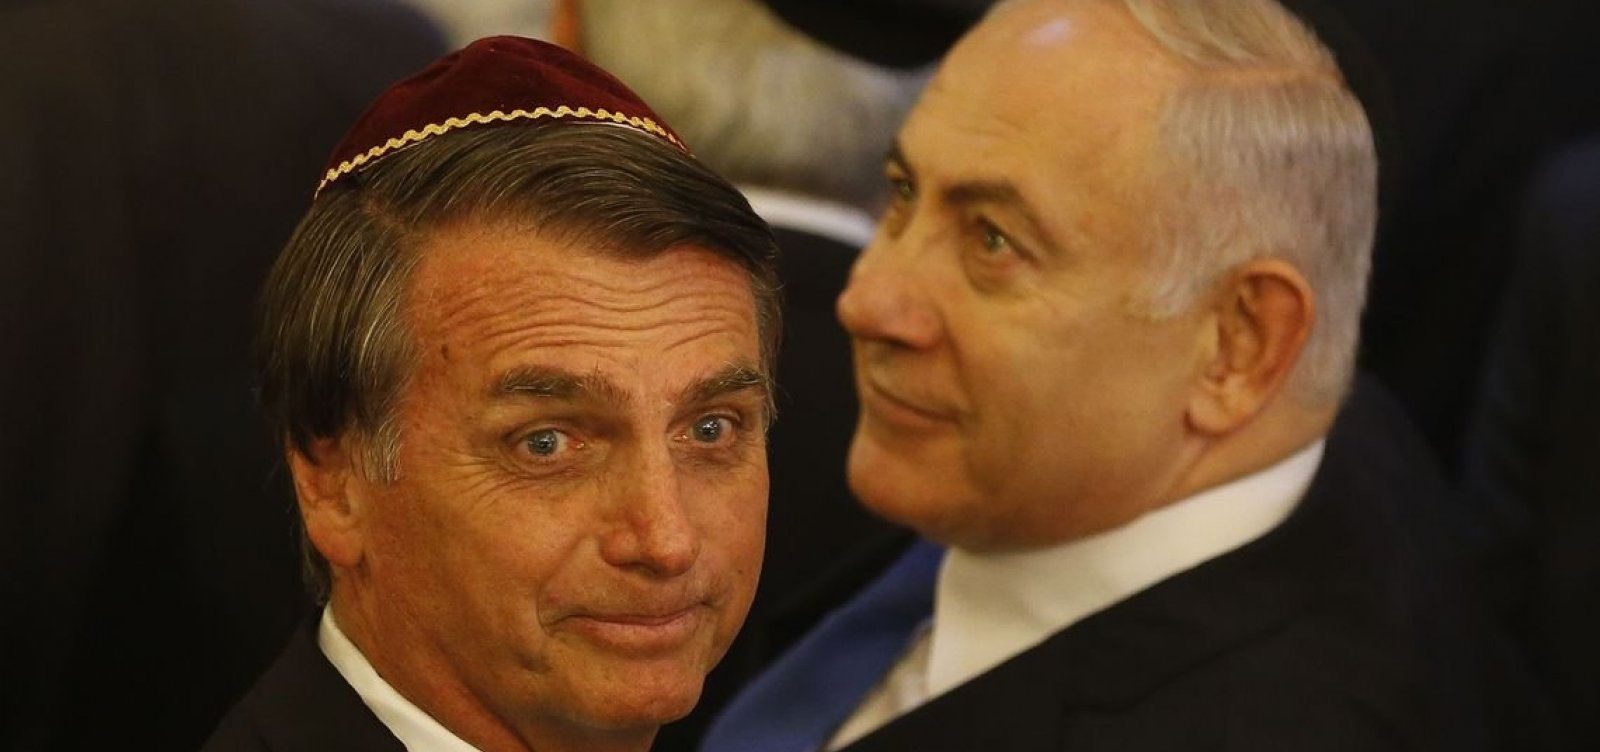 [Mudança da embaixada brasileira para Jerusalém é questão de tempo, diz Netanyahu]